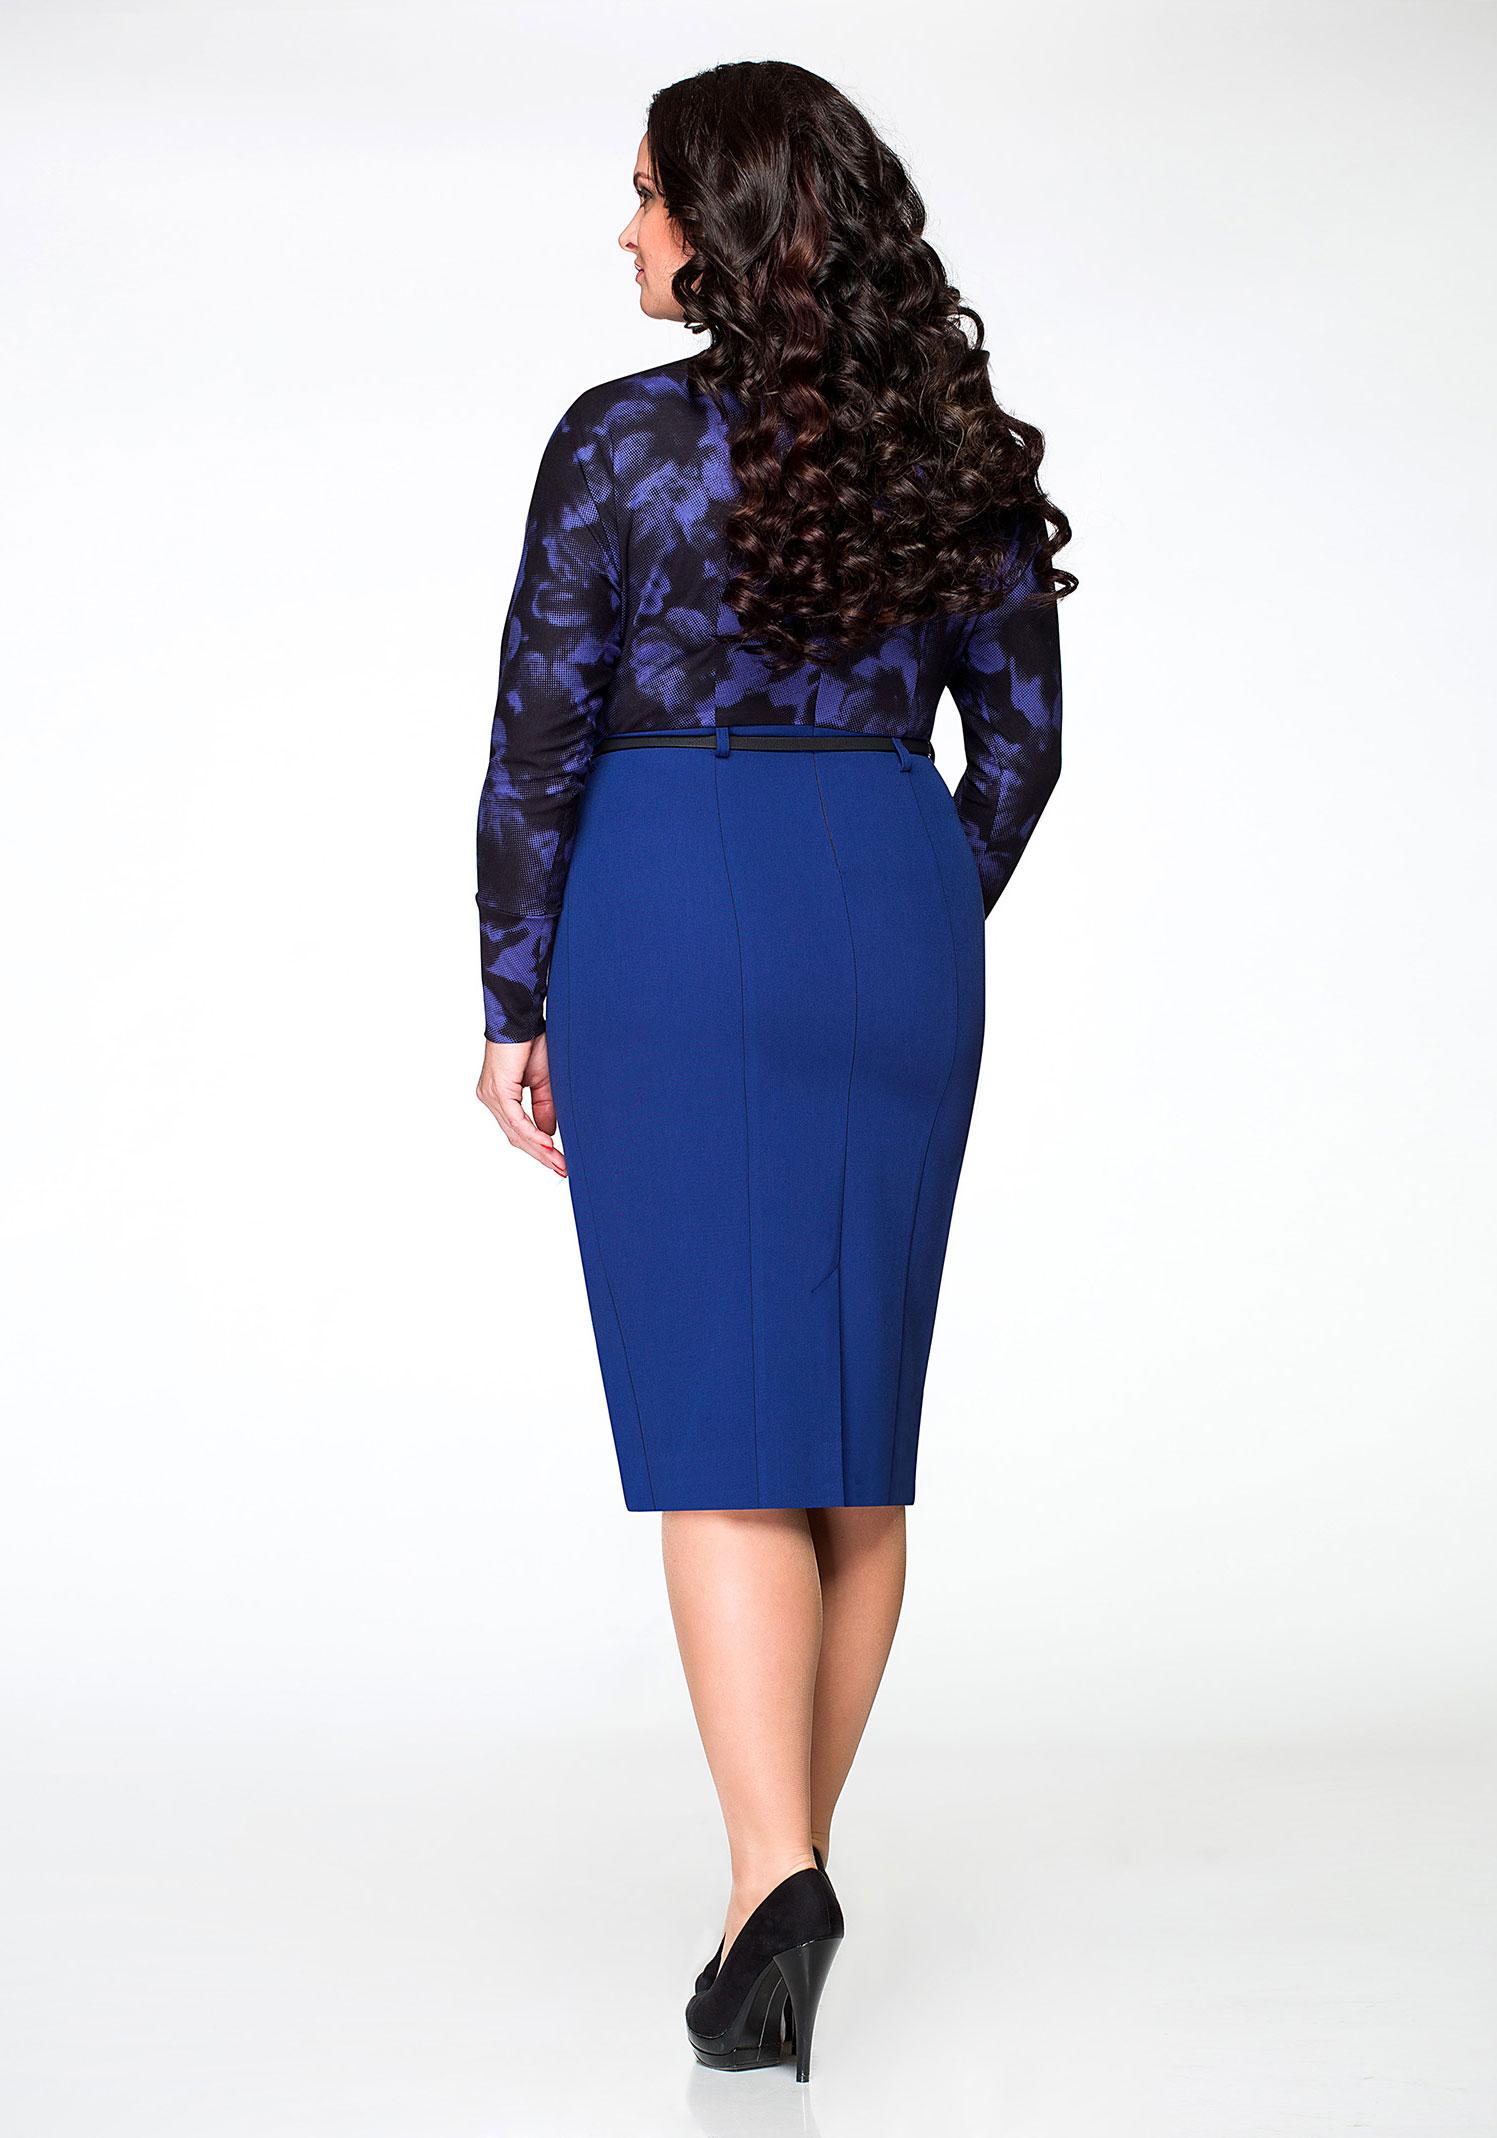 Платье повседневное, синее